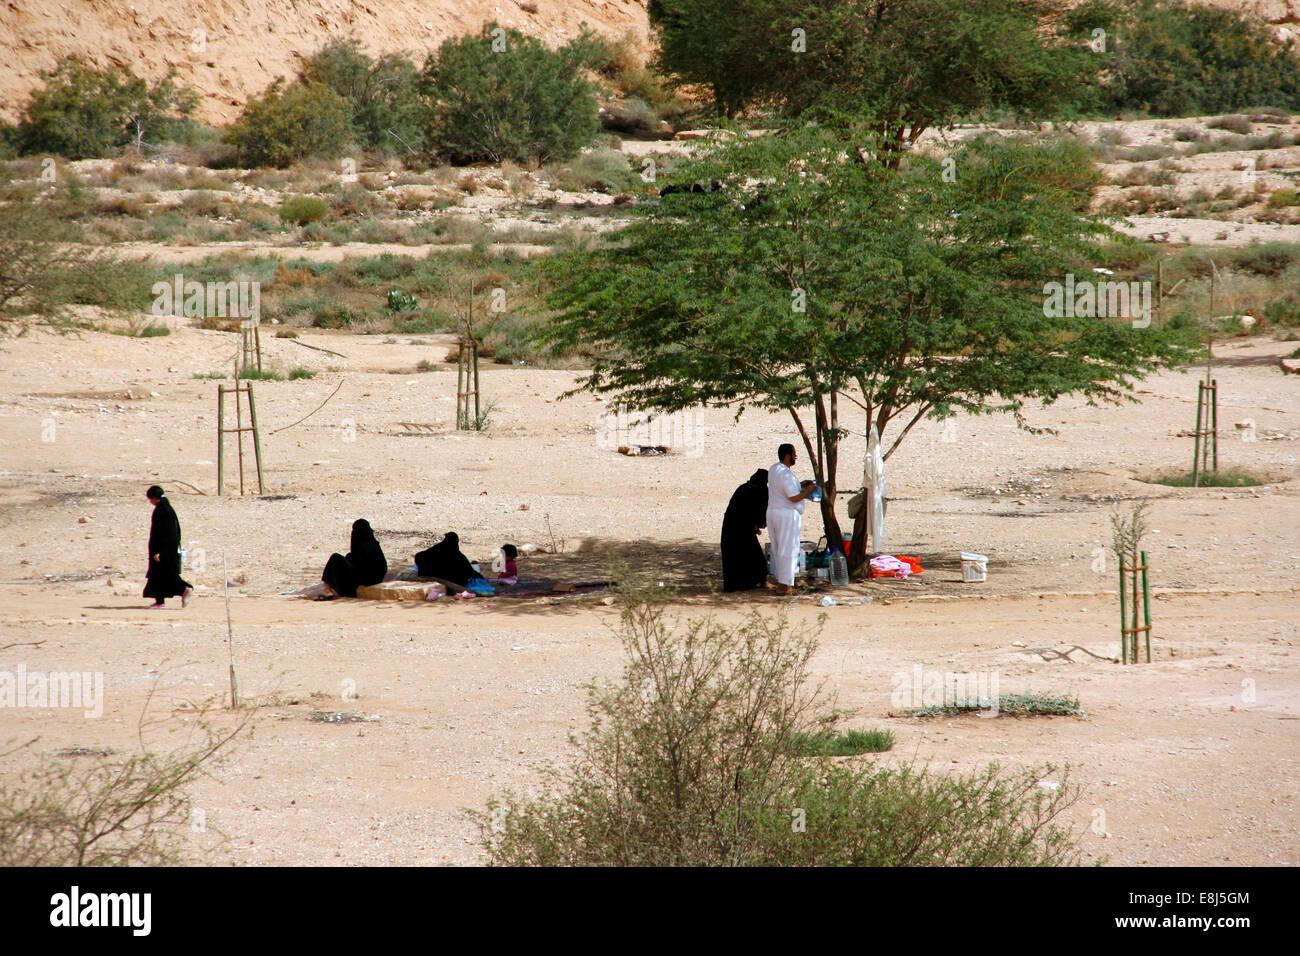 Los lugareños tener picnics bajo la sombra de los árboles en el Wadi Hanifa, cerca de Riyadh, Arabia Saudita Imagen De Stock